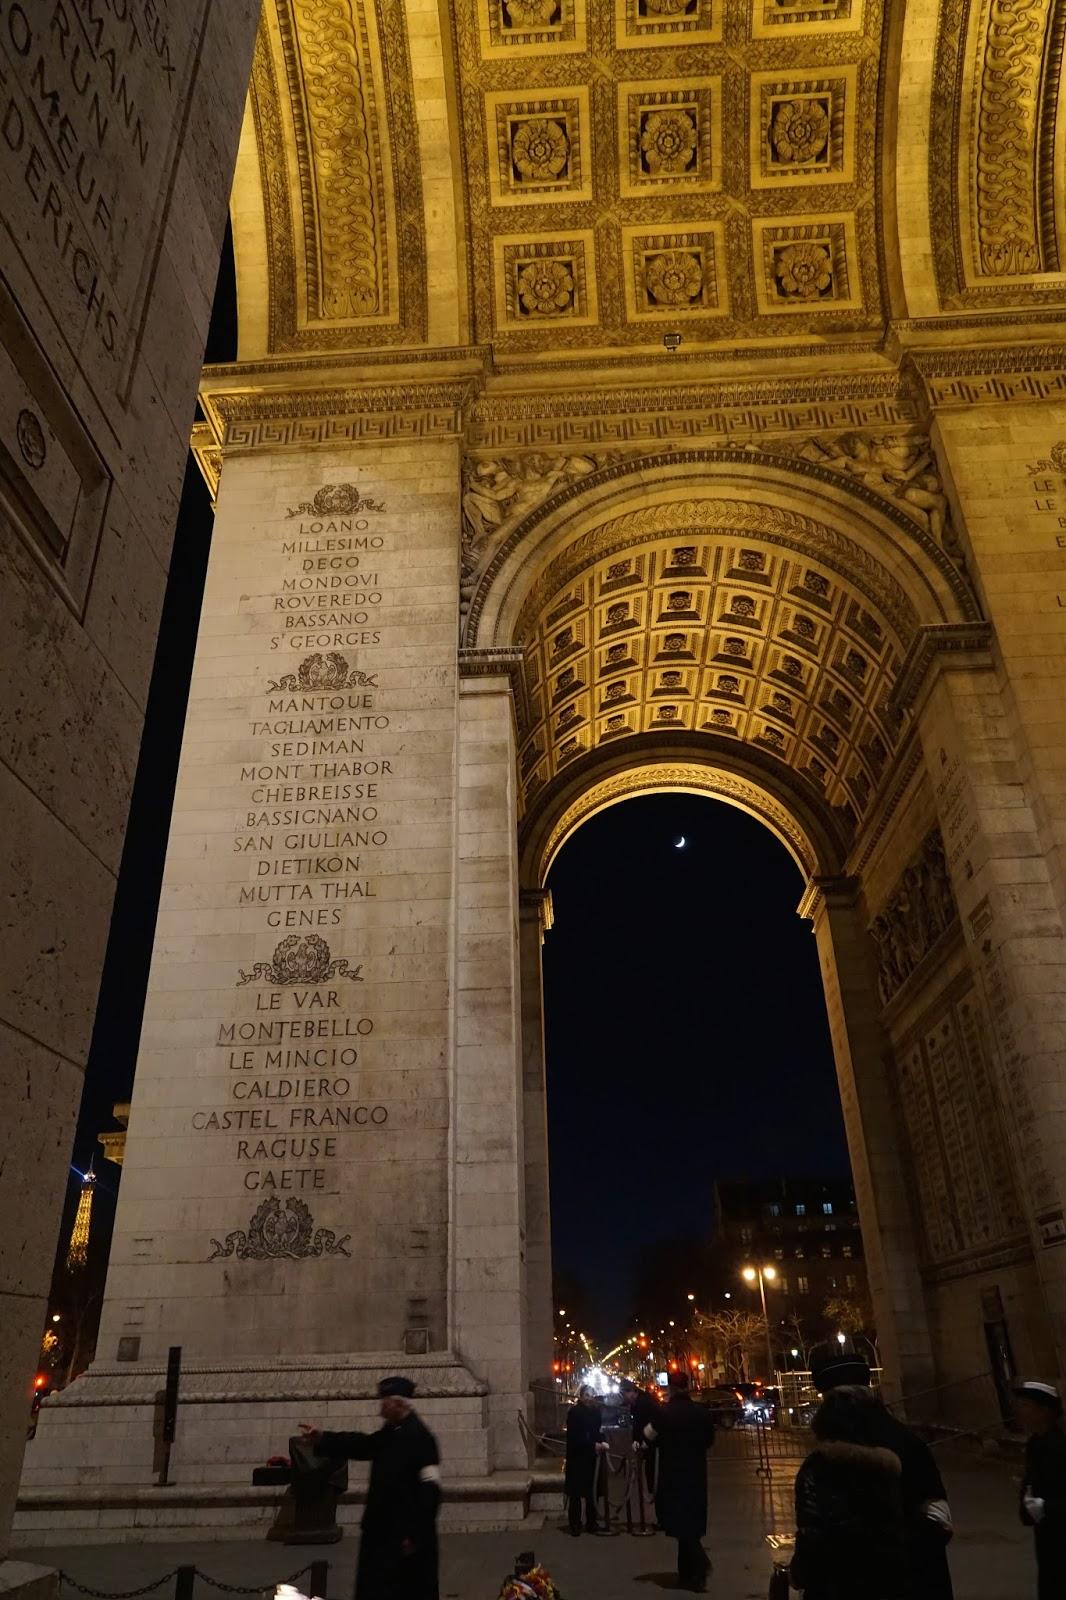 エトワールの凱旋門(Arc de triomphe de l'Étoile) 凱旋門のアーチの下